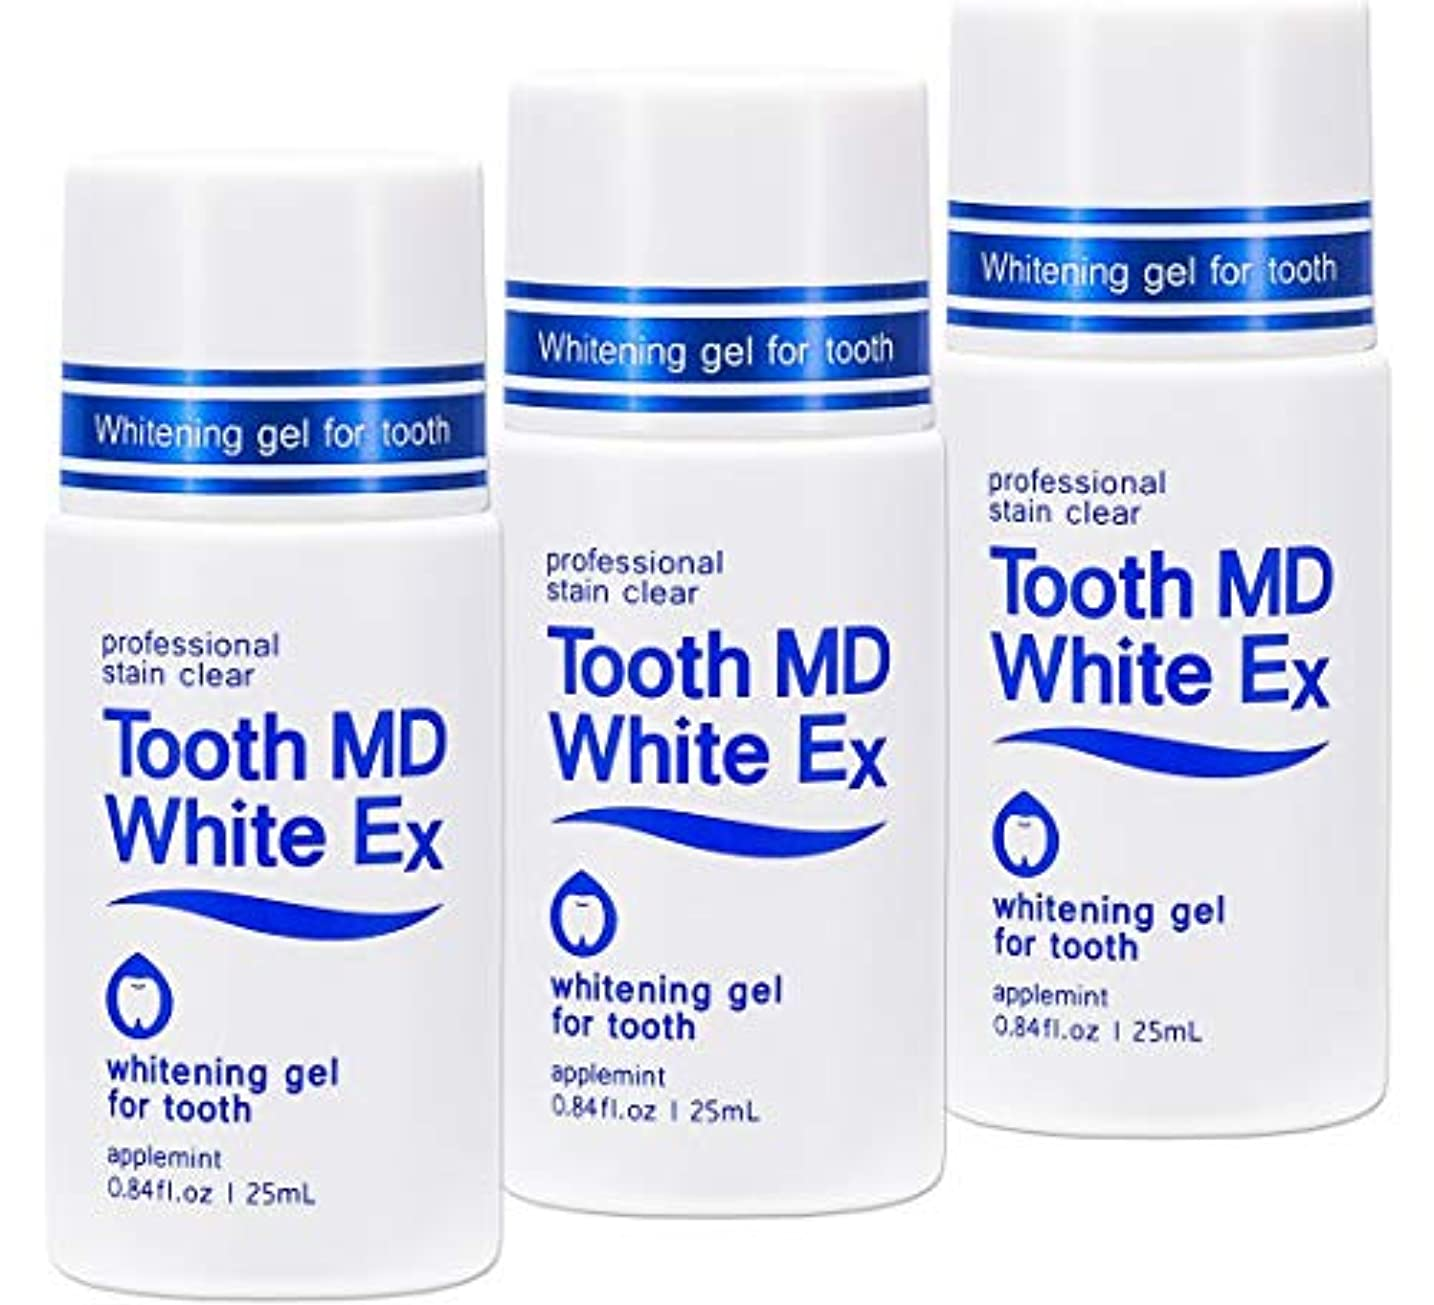 アミューズ崇拝するメイエラトゥースMDホワイトEX 3個セット [歯のホワイトニング] 専用歯ブラシ付き